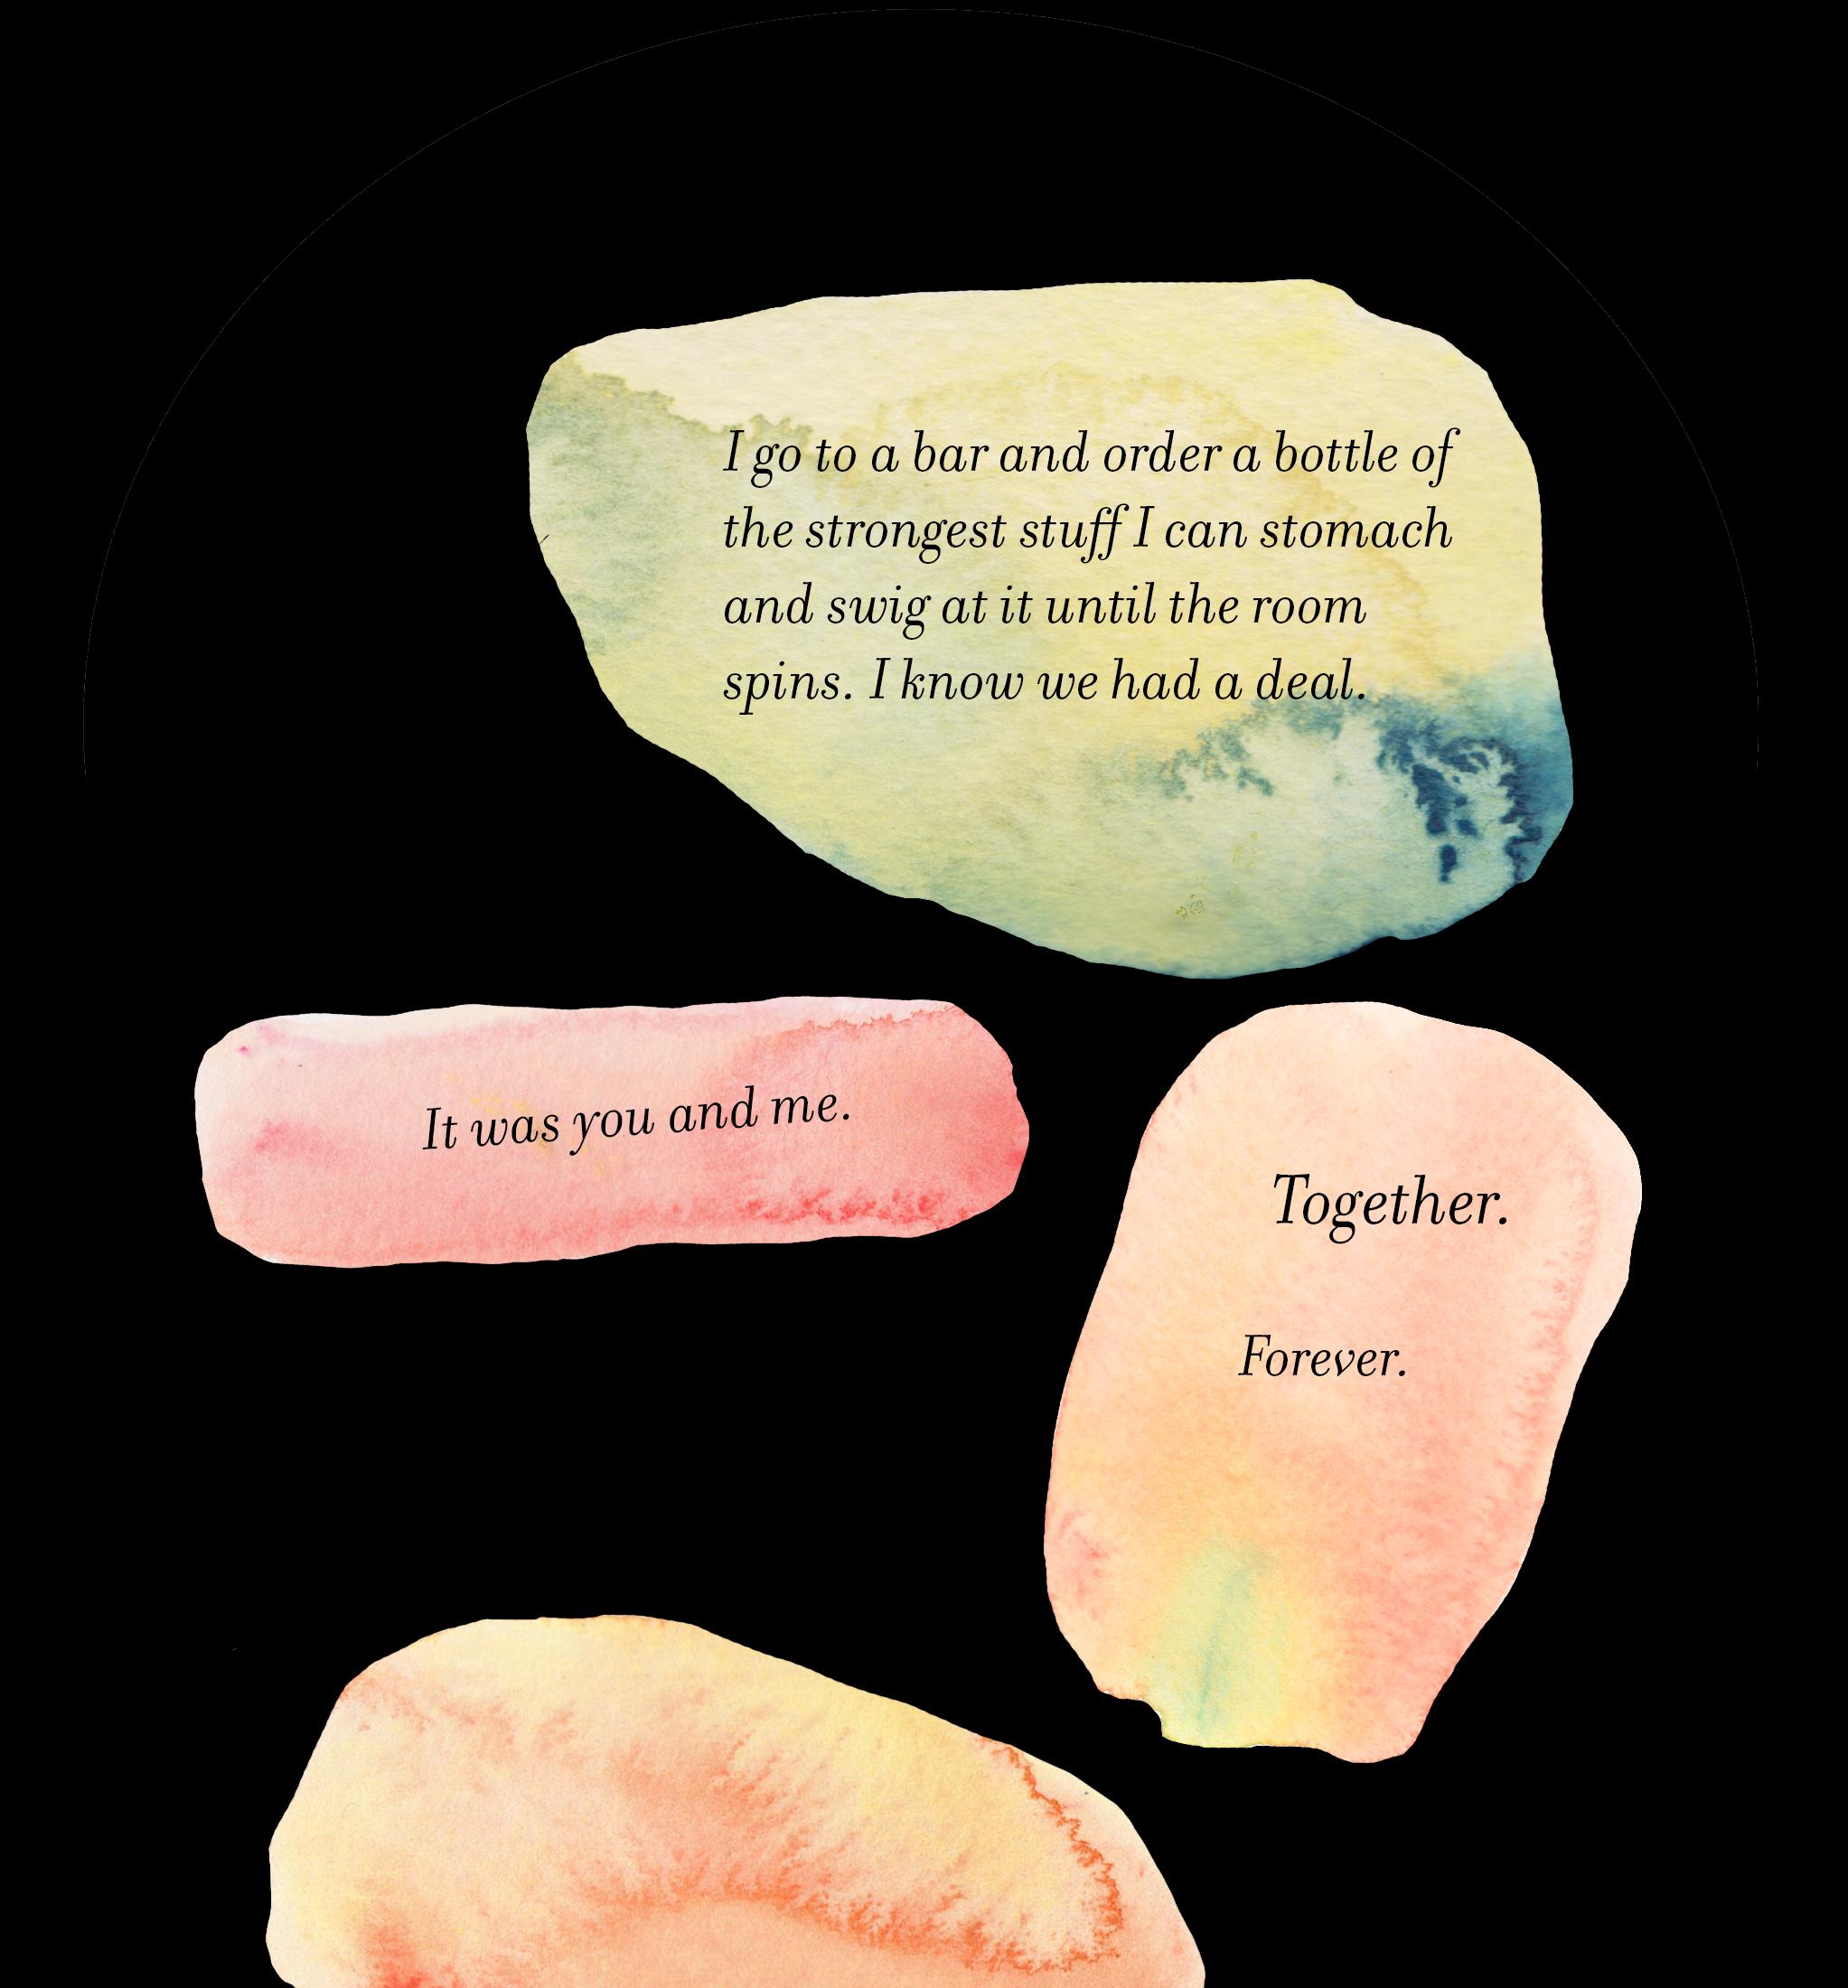 together forever.jpg